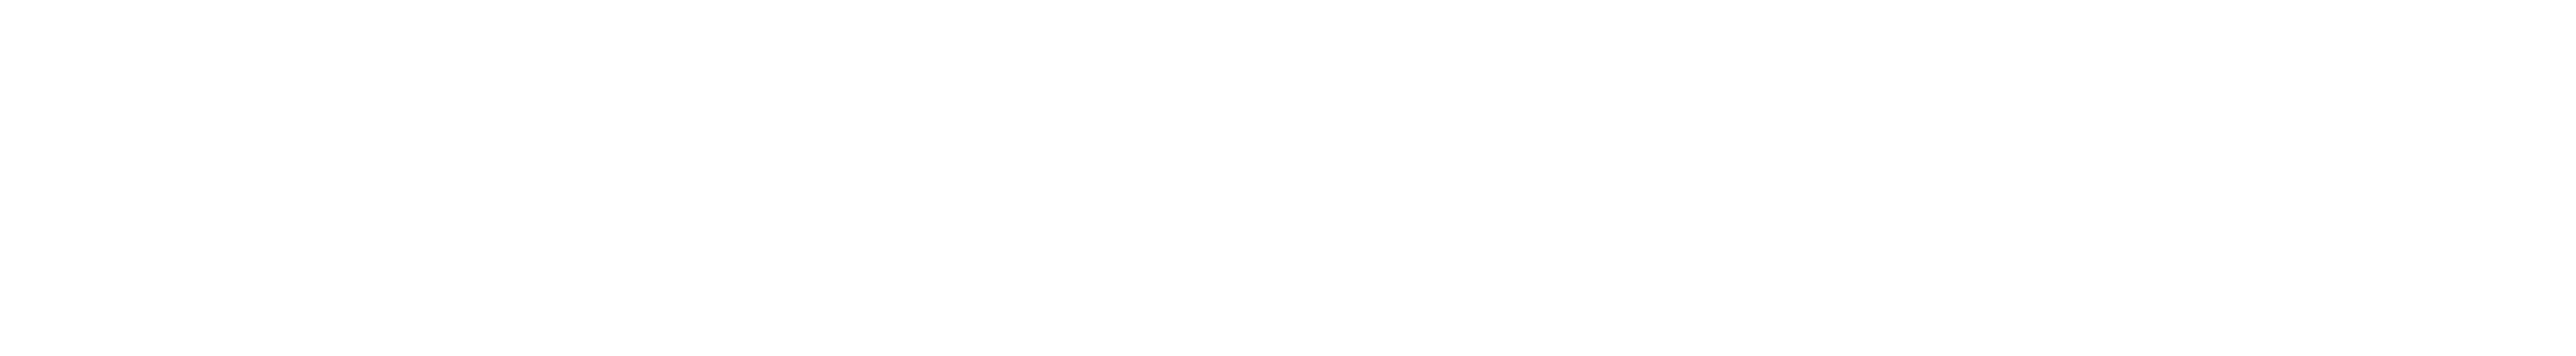 Krause+ logo